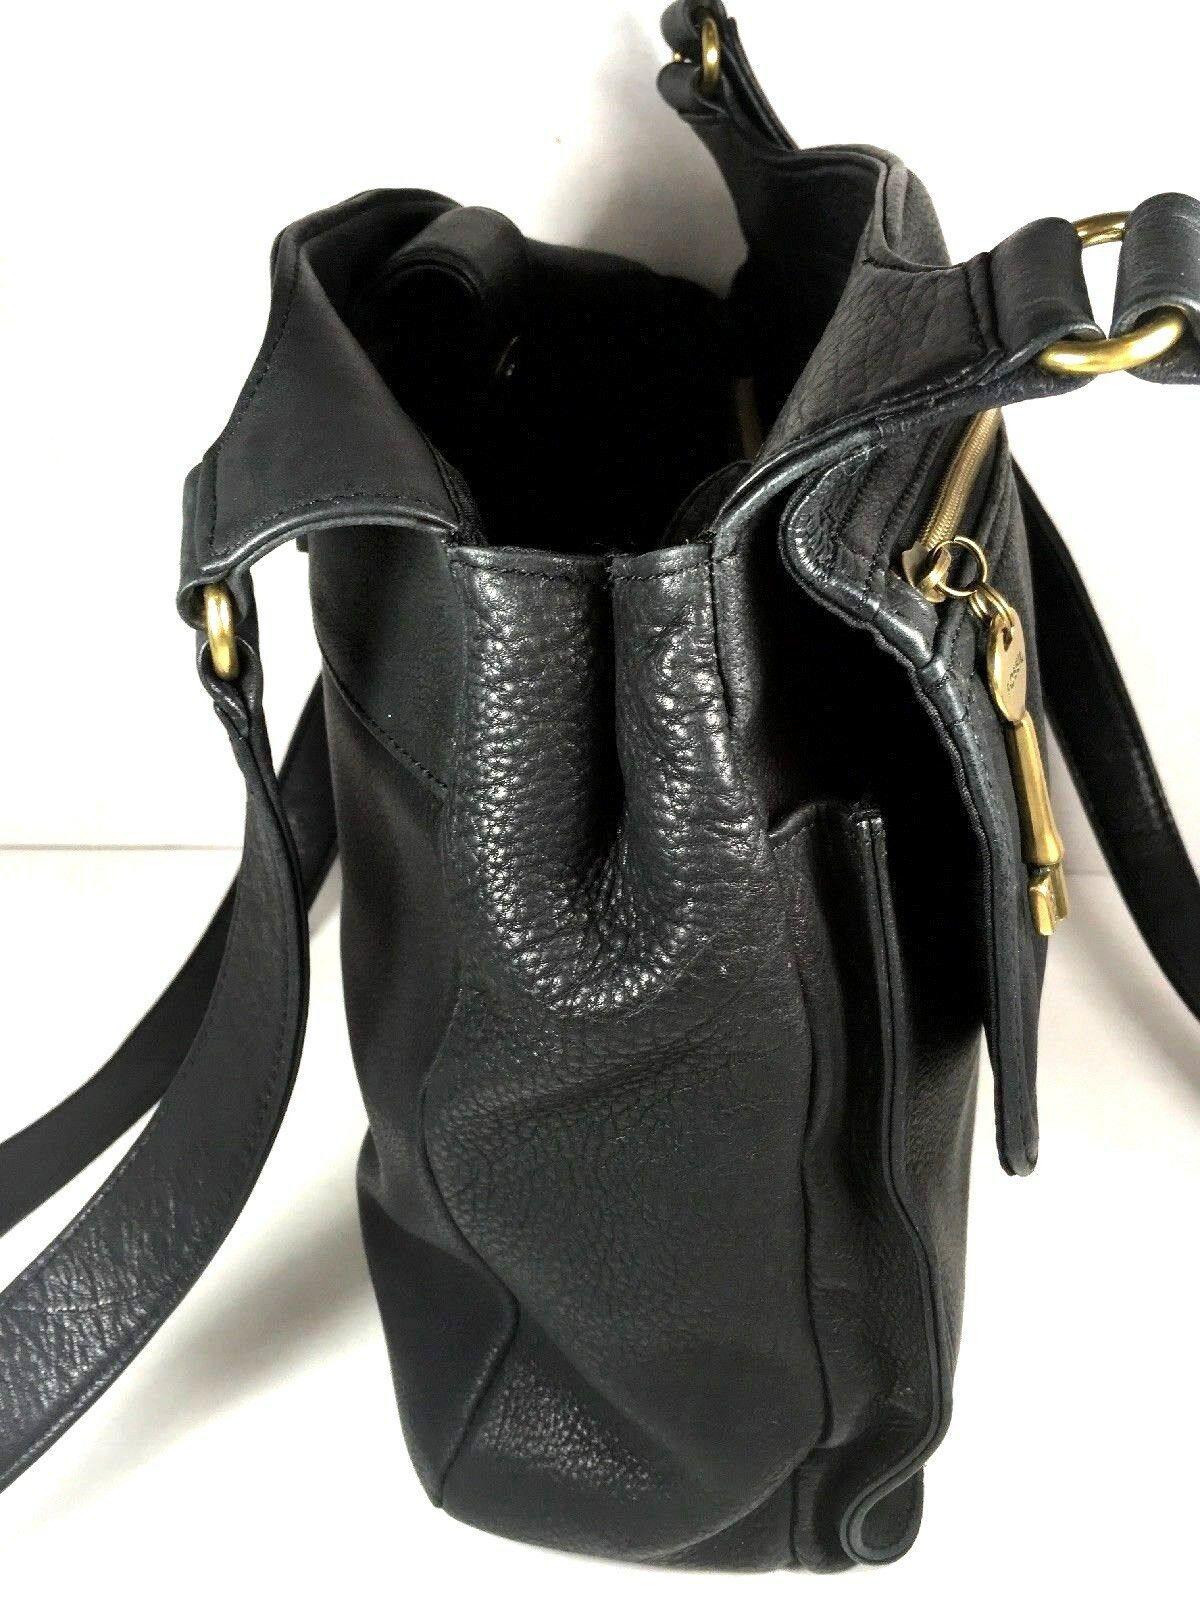 Fossil Vintage Black Leather Multi Pocket Shoulder Bag Brass Tone Hardware